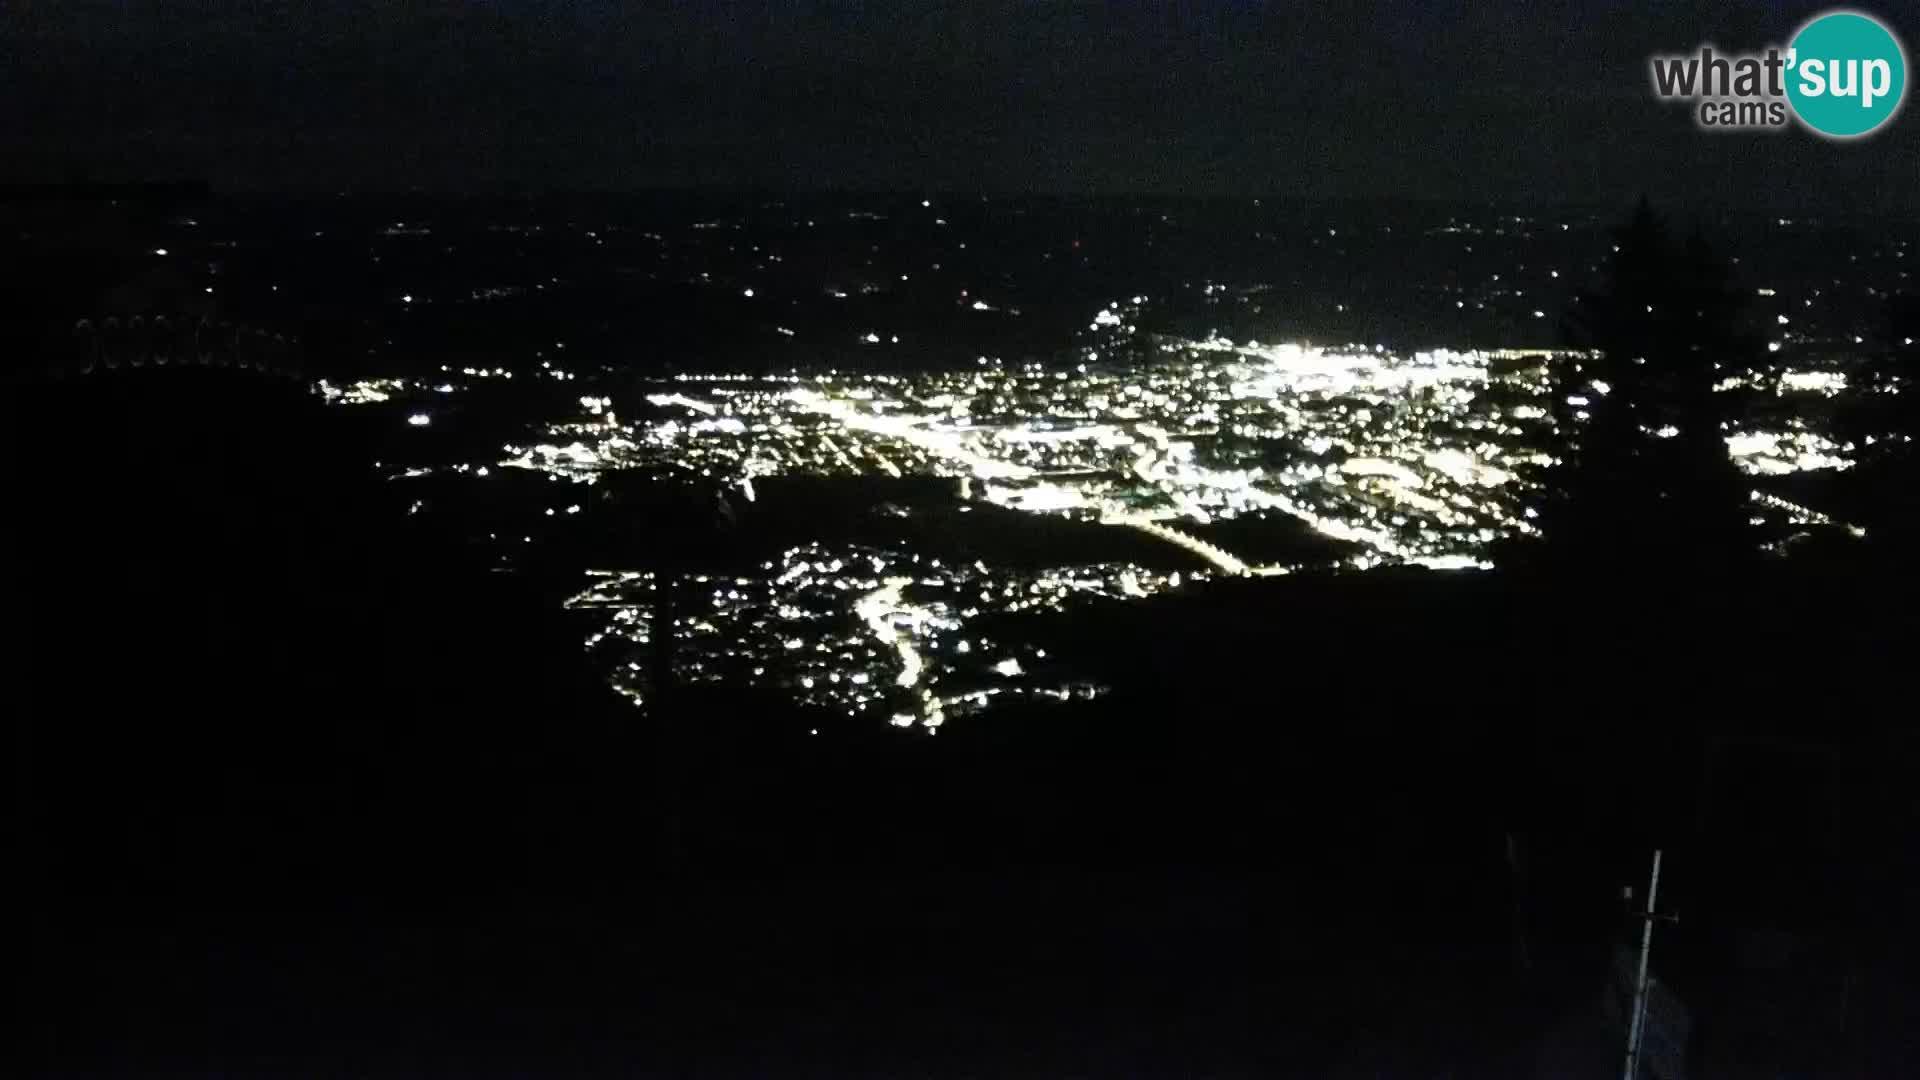 Estacion esqui  en vivo Maribor Pohorje – Bellevue